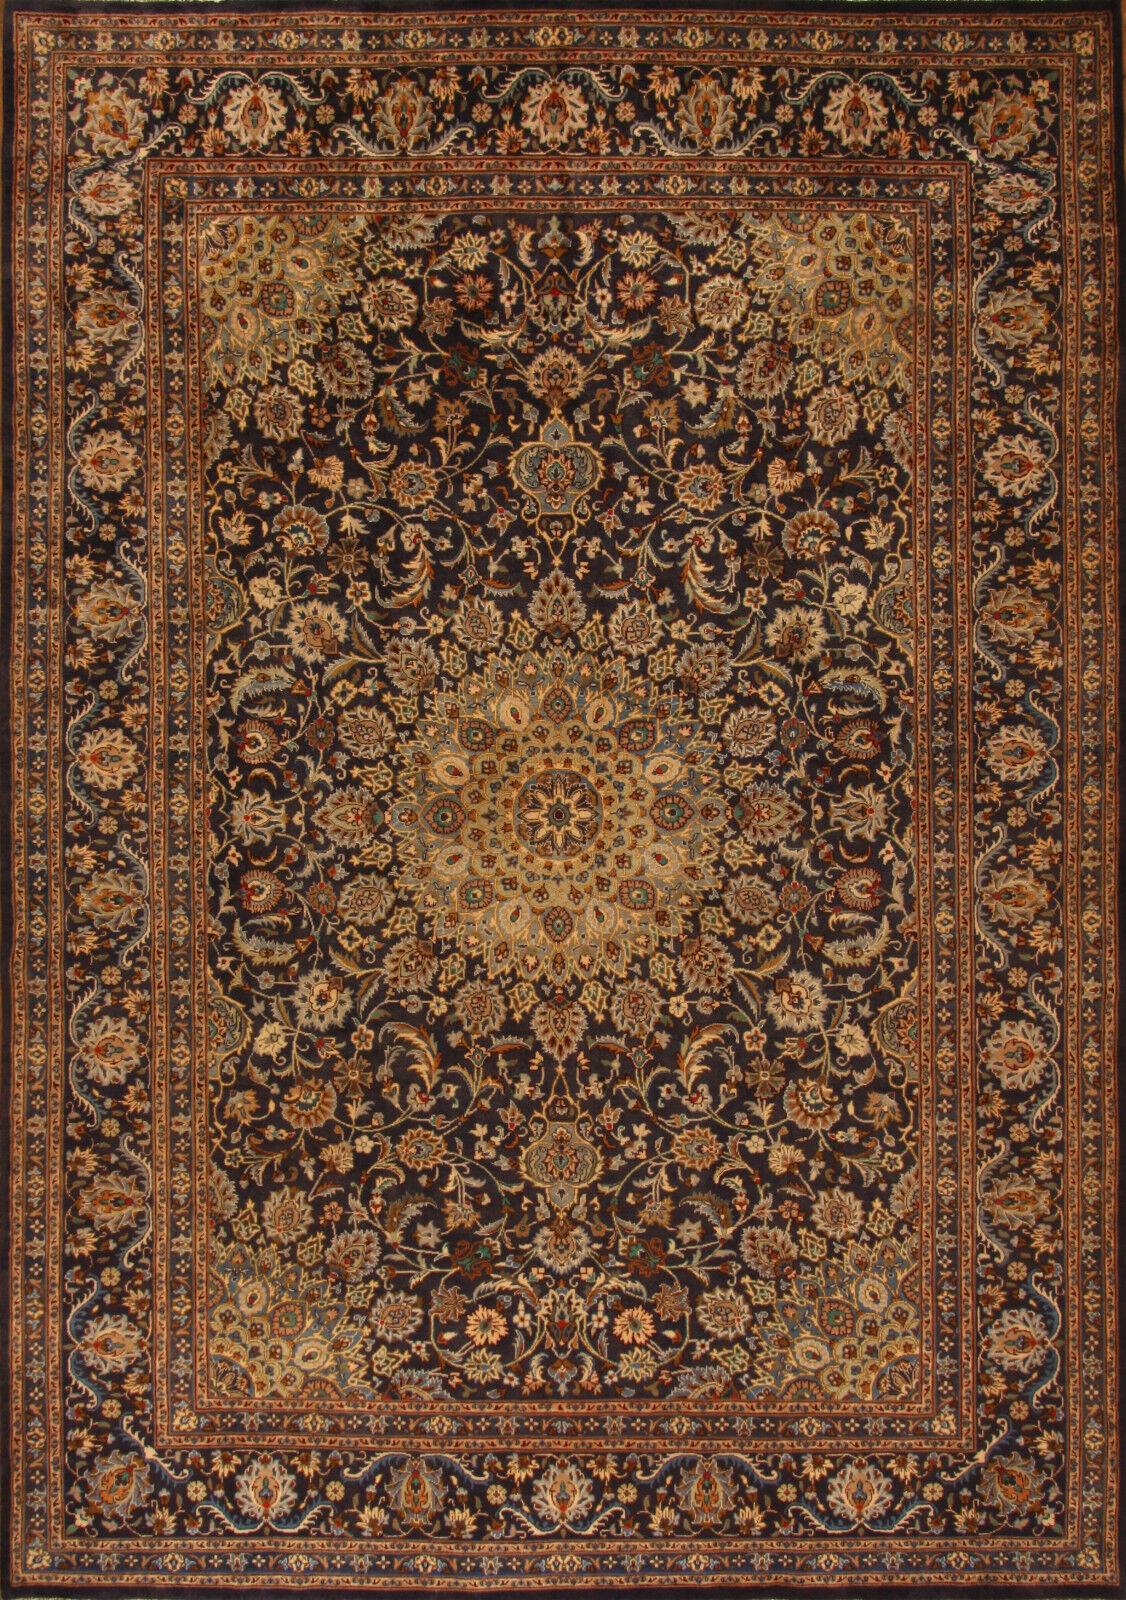 Alfombras Orientales Auténticas Hechas a Mano Persas Nr. 4167 (356 X 250) Cm